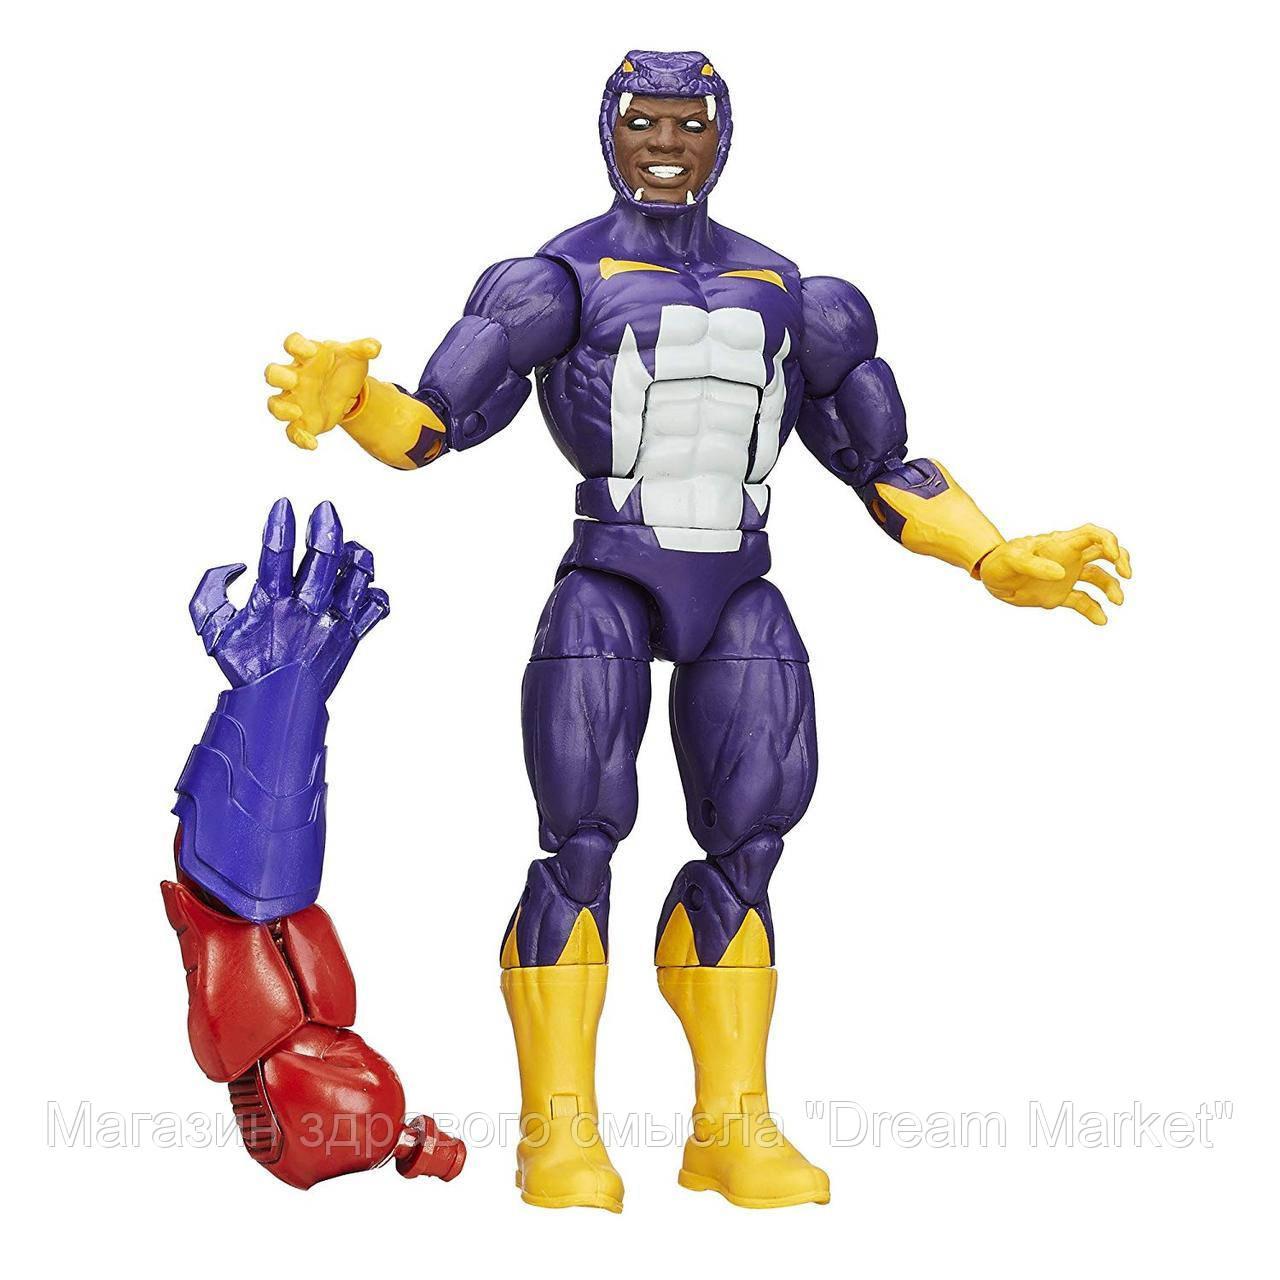 Игровая Фигурка Щитомордник, серия Легенды Марвел, высота 15 см - Build a Figure, Red Skull Series, Hasbro